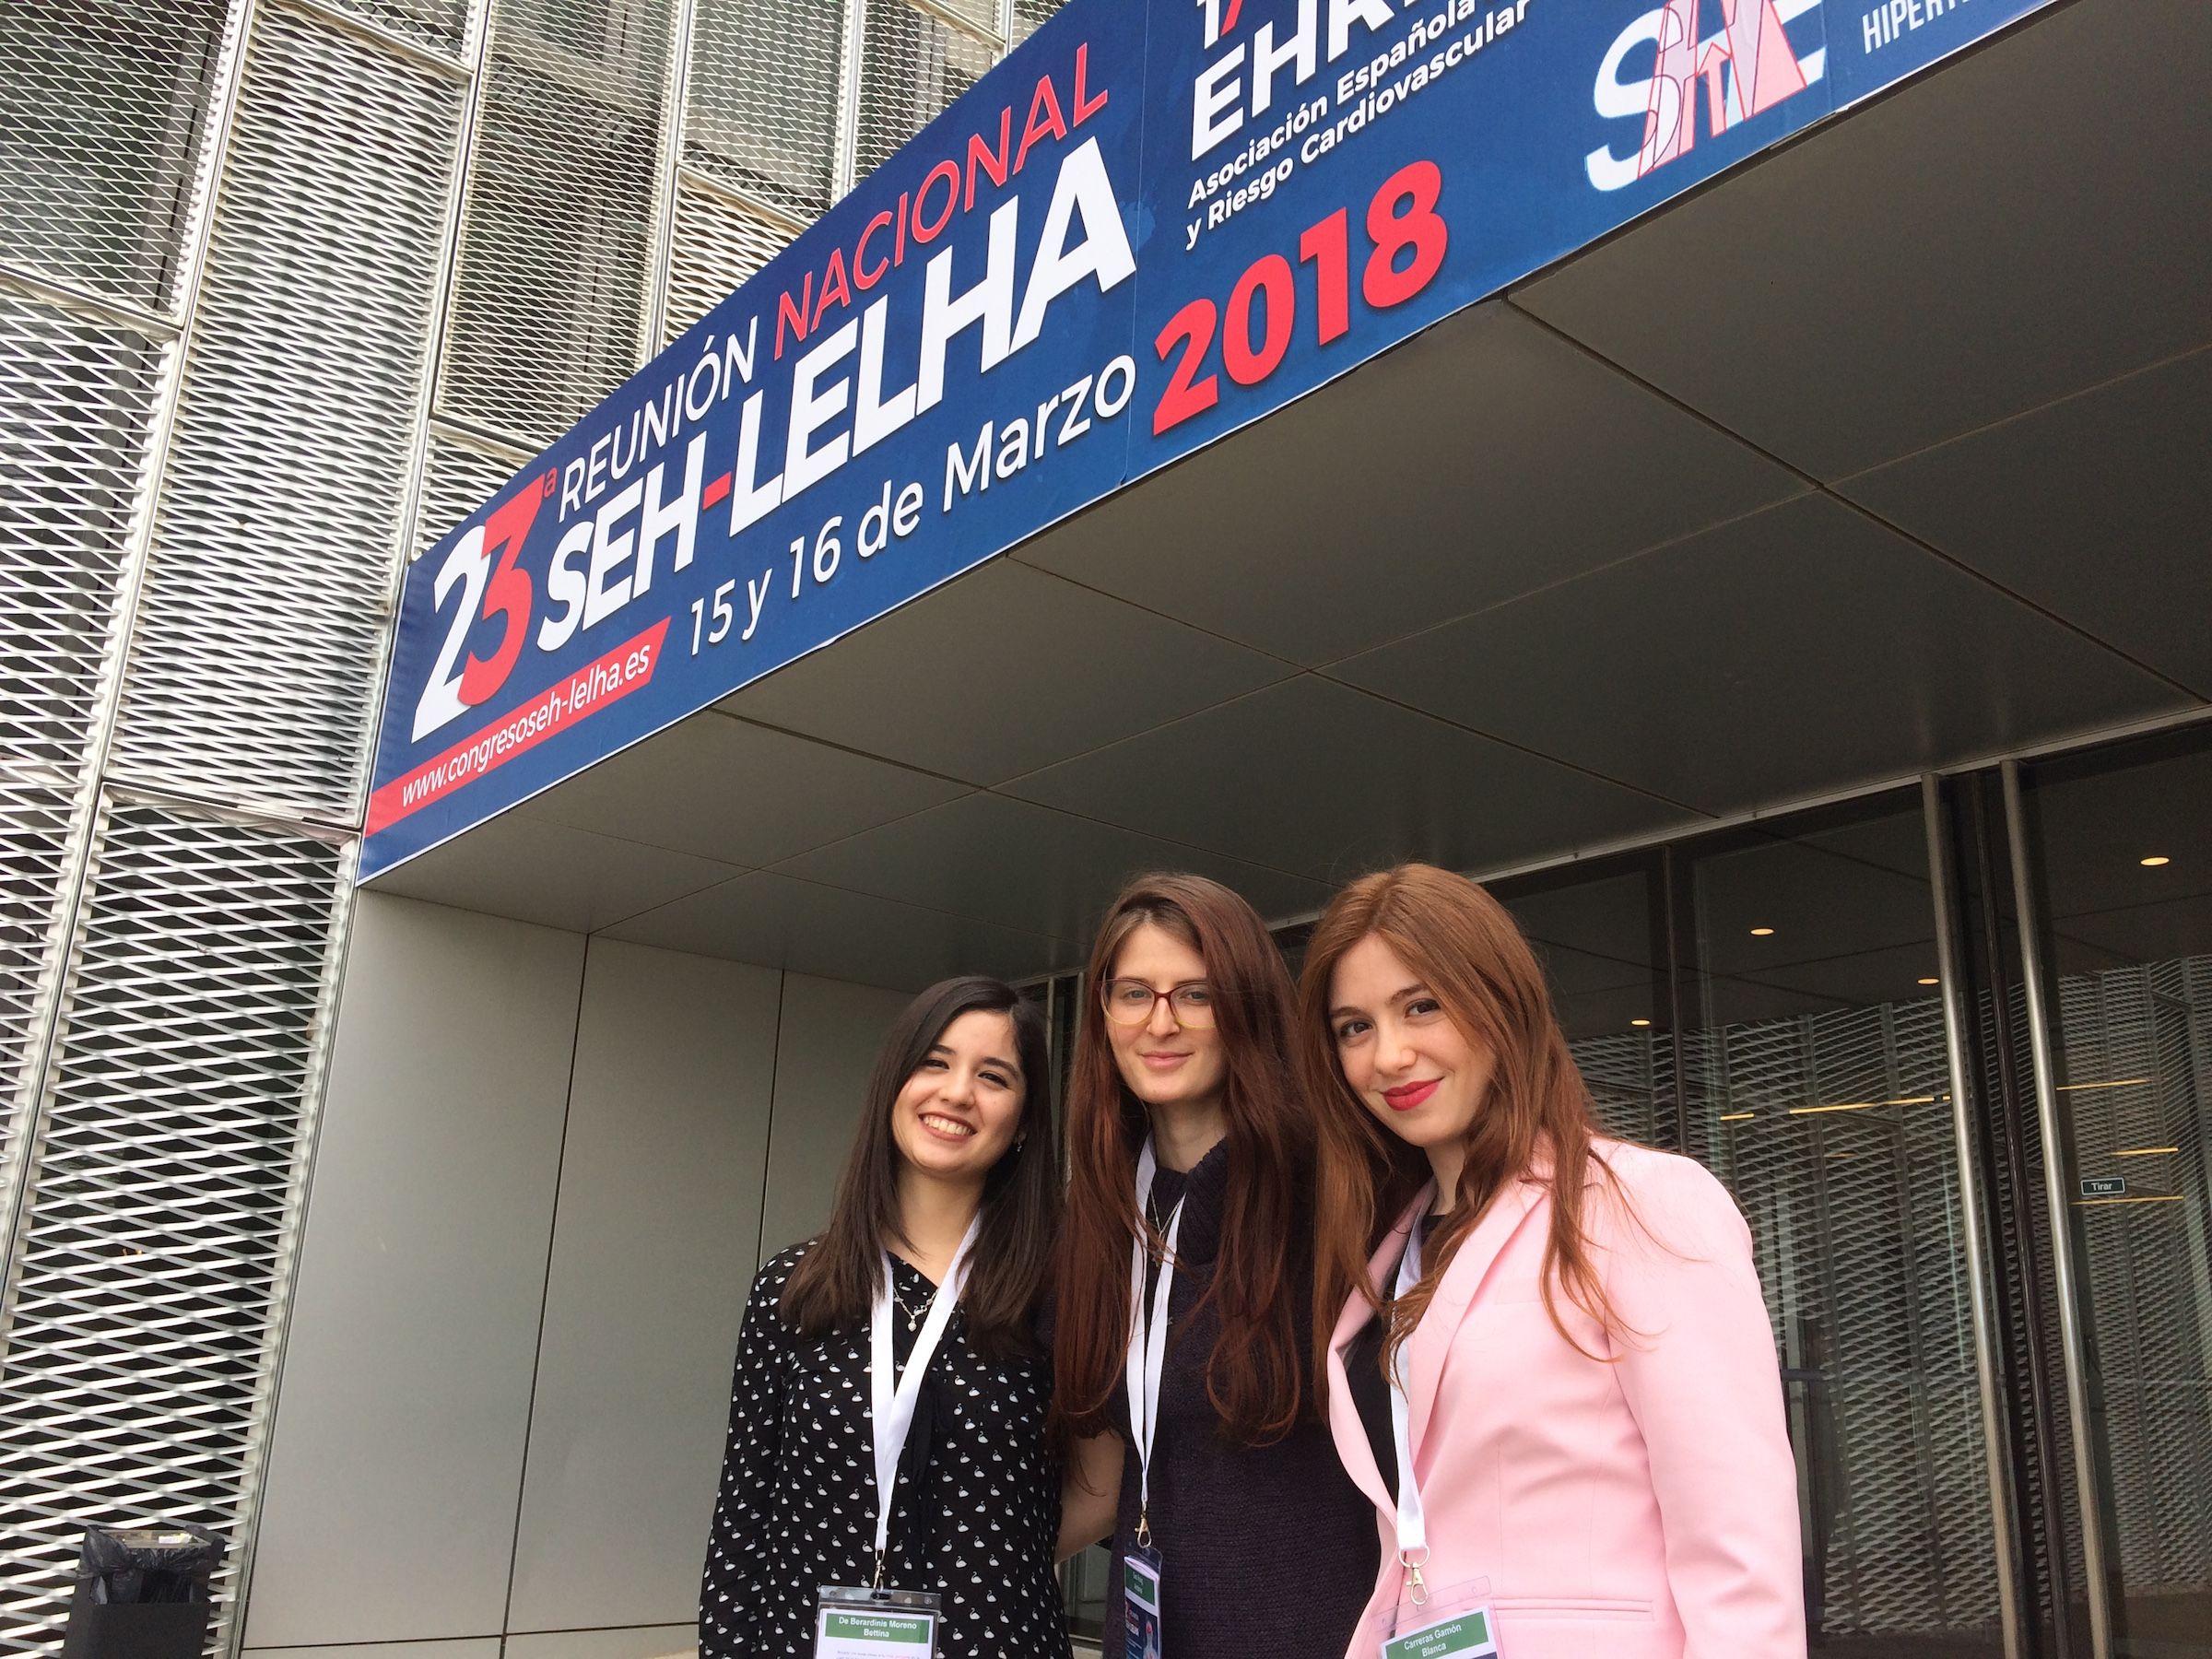 Bettina de Berardinis, Andrea Gea y Blanca Carreras, estudiantes de 4º y 5º de Medicina en la CEU UCH de Castellón.